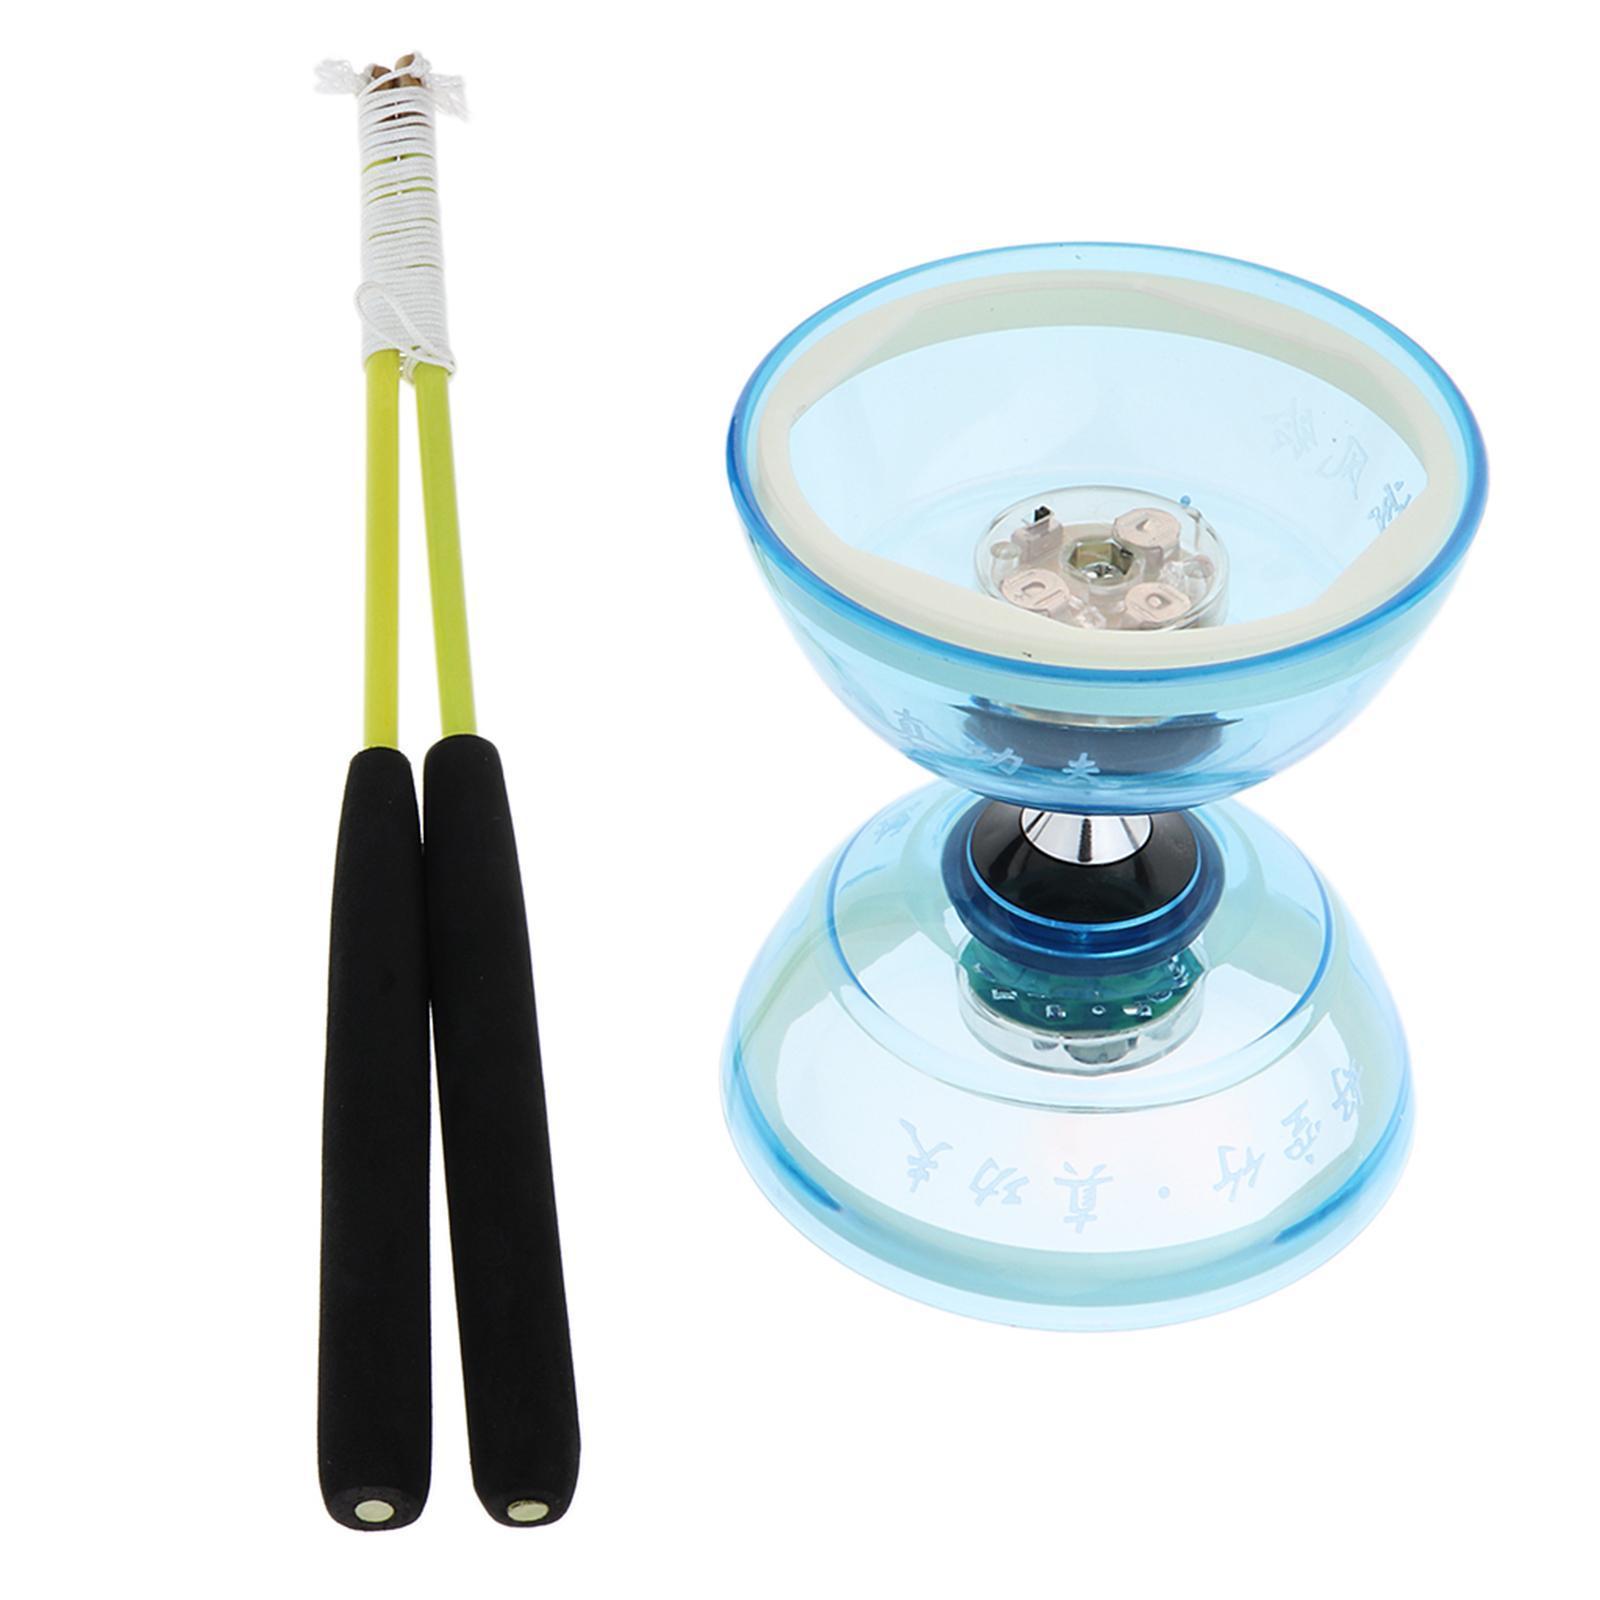 Giocattoli-Da-Giocoliere-Con-Triplo-Cuscinetto-A-Diabolo-con-luce-LED miniatura 6